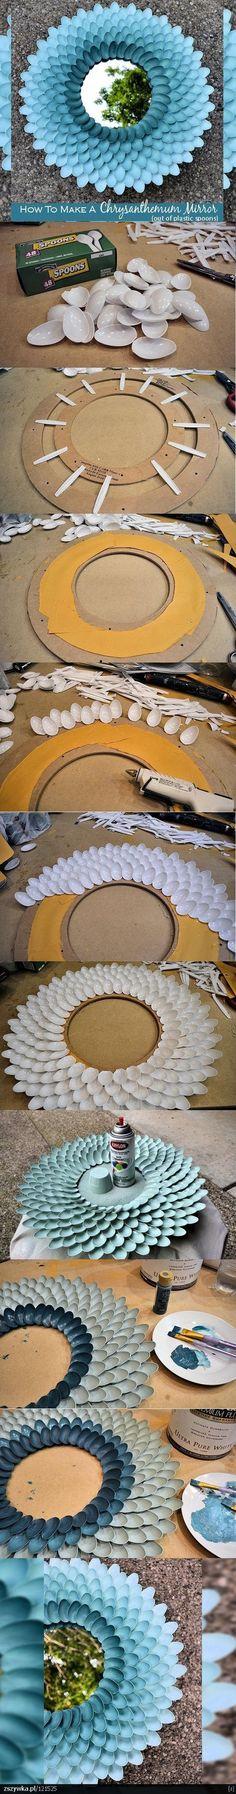 {DIY Chrysanthemum Mirror} from plastic spoons